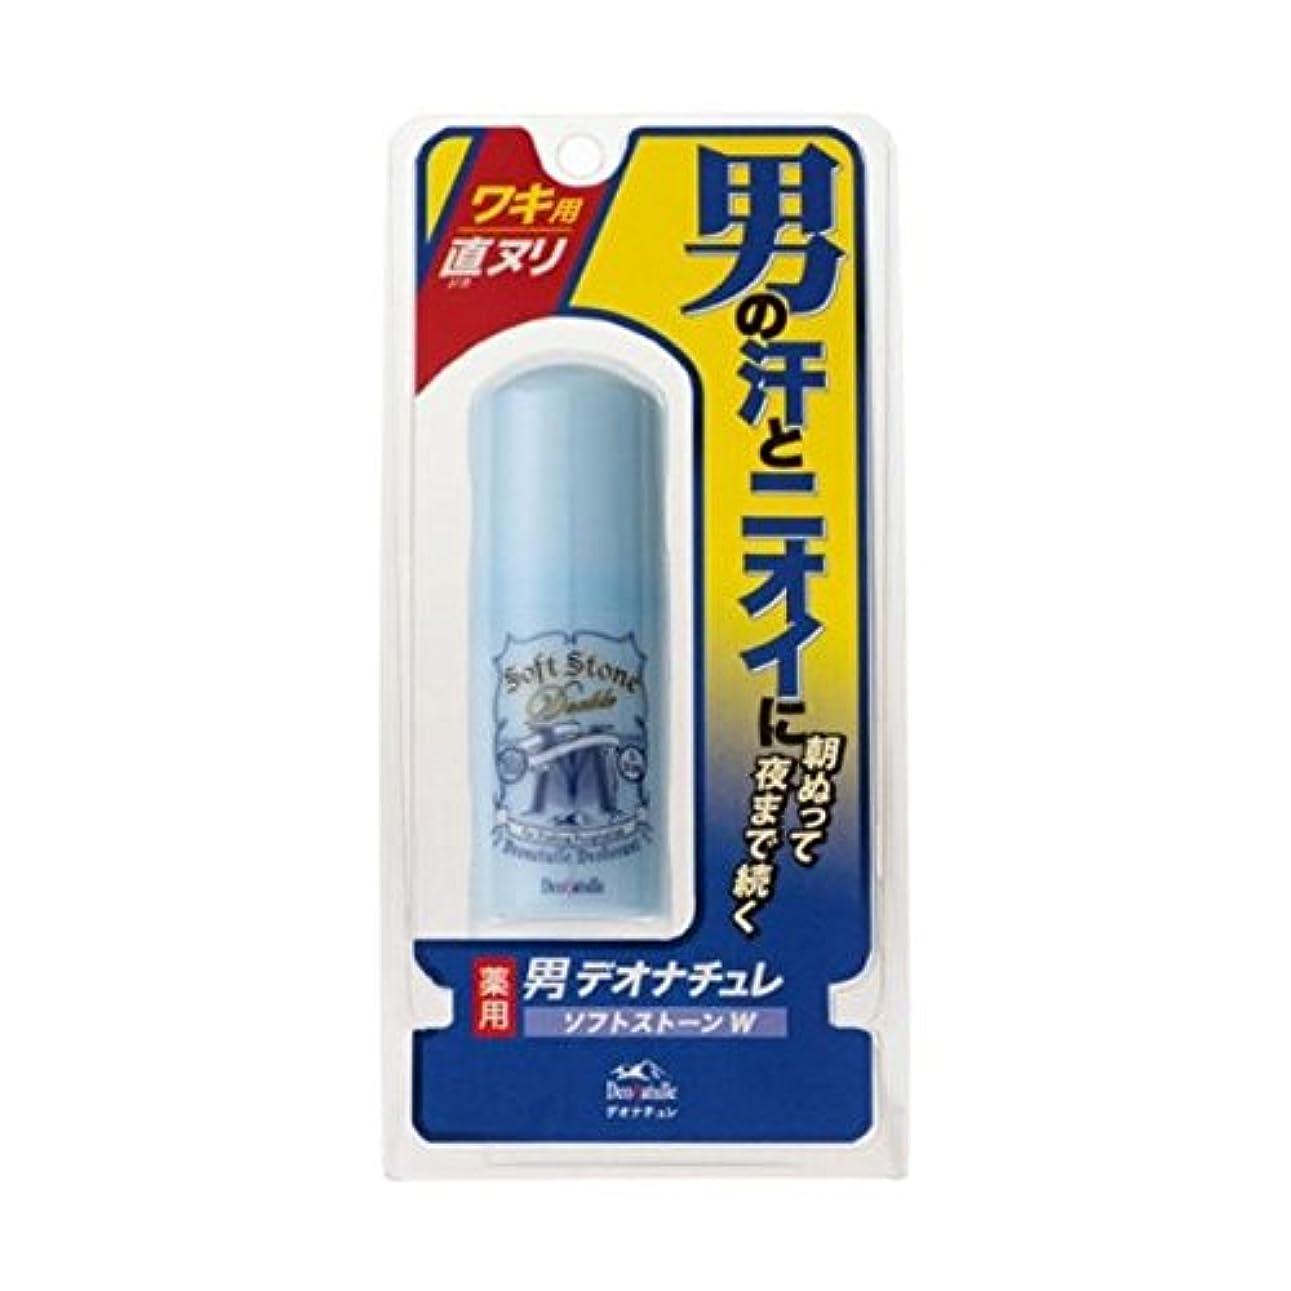 ブレーキブランクコマースデオナチュレ 男ソフトストーン20Gx3個セット (4971825011747)